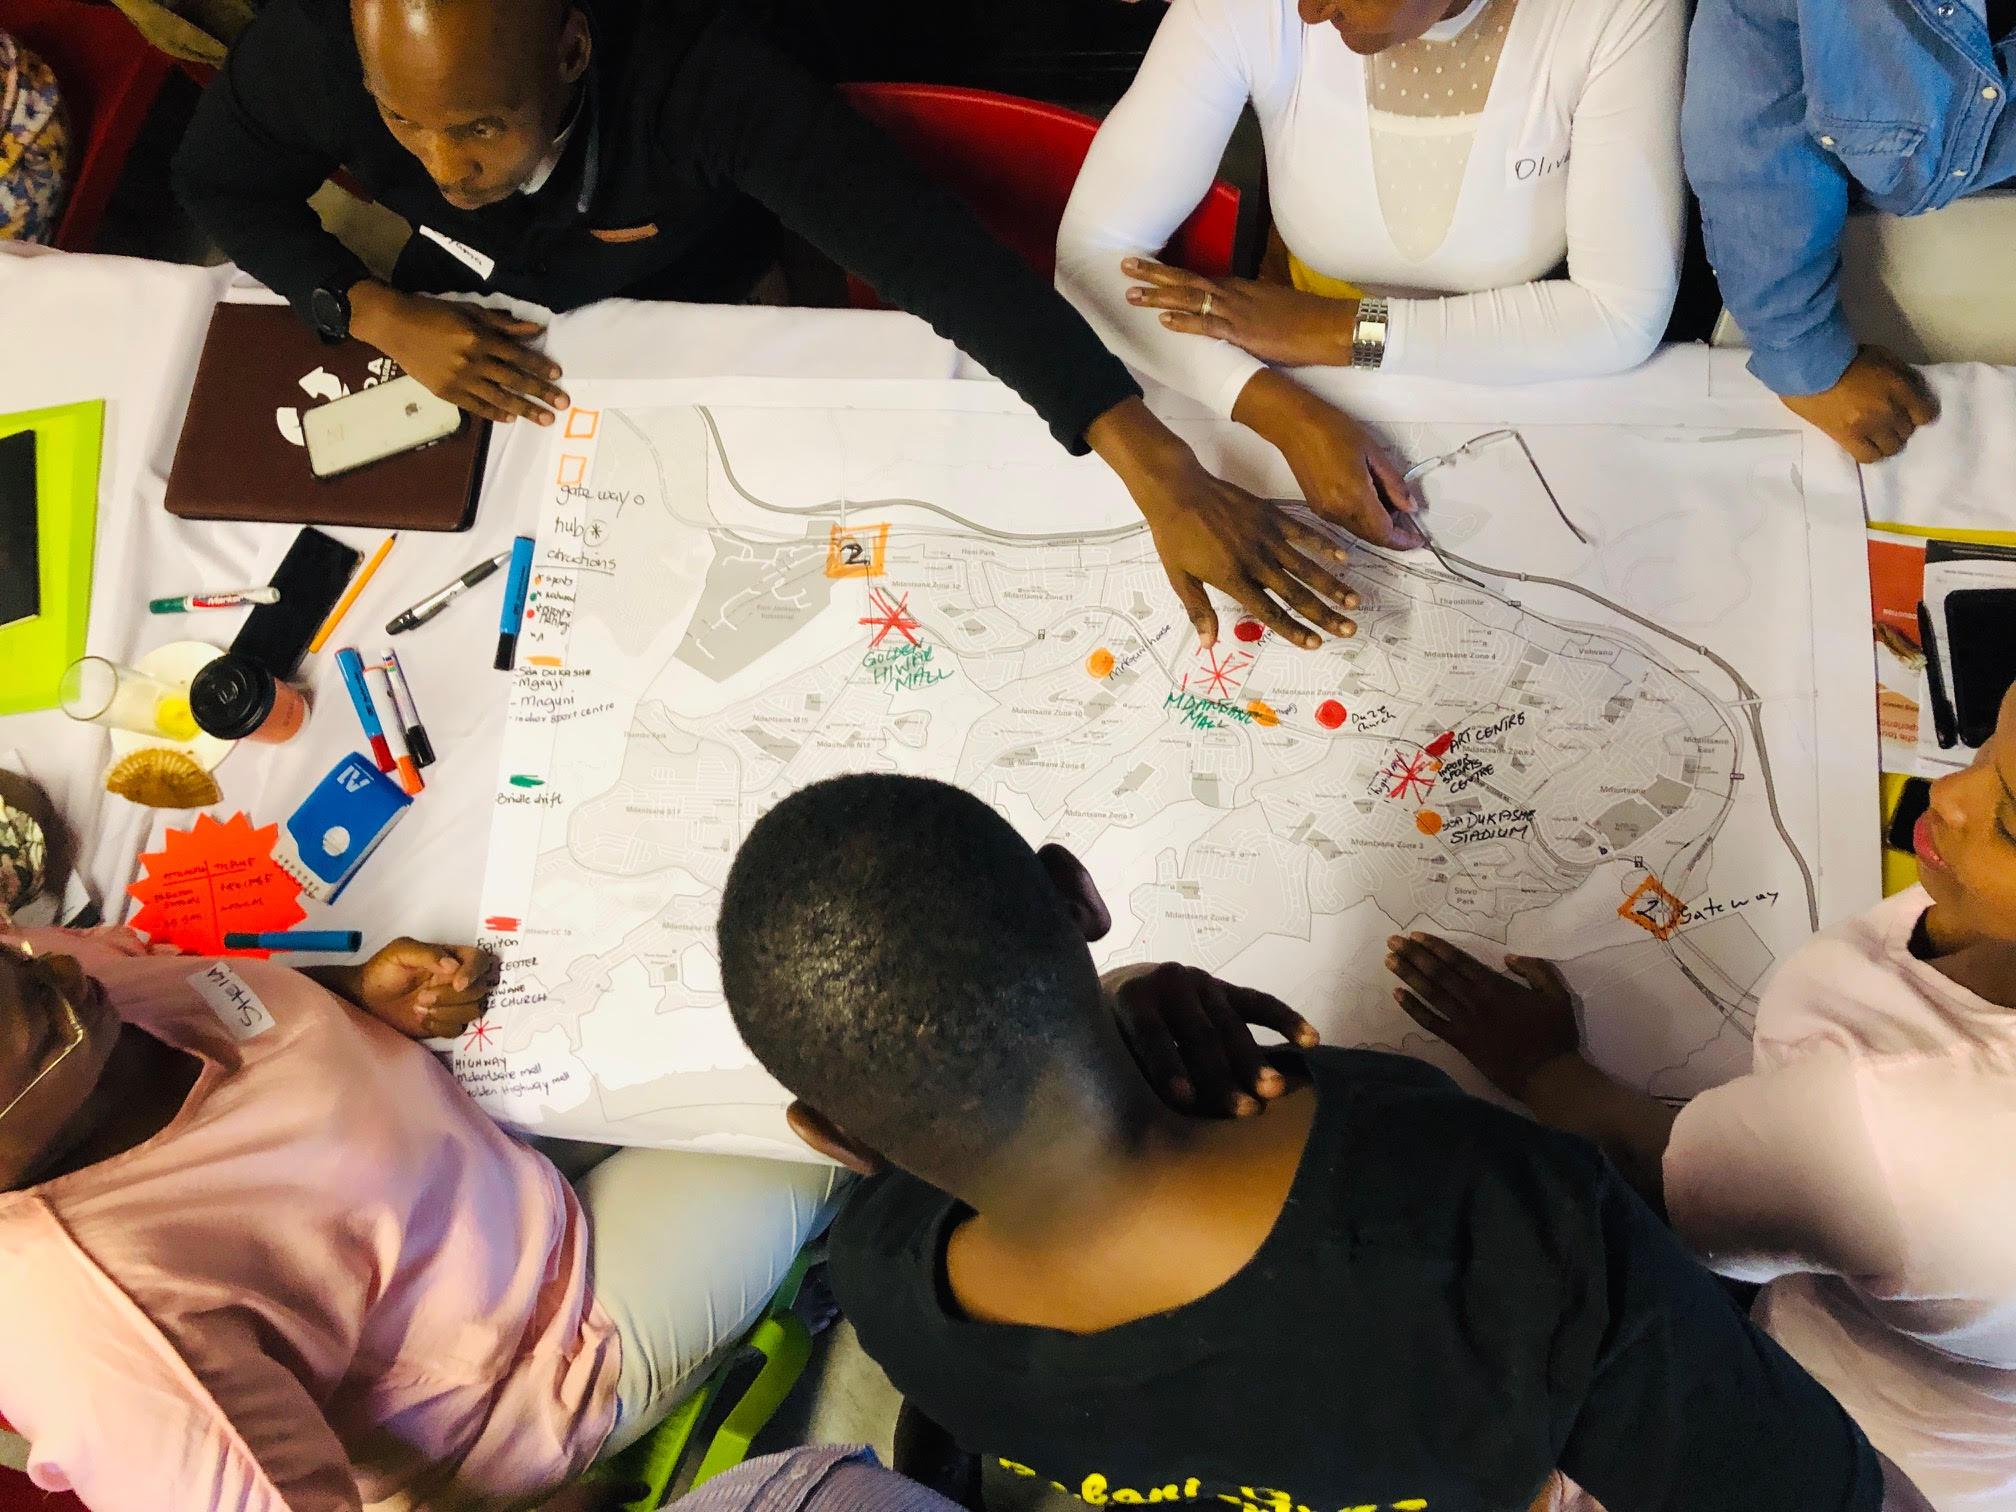 g_stakeholder-workshops